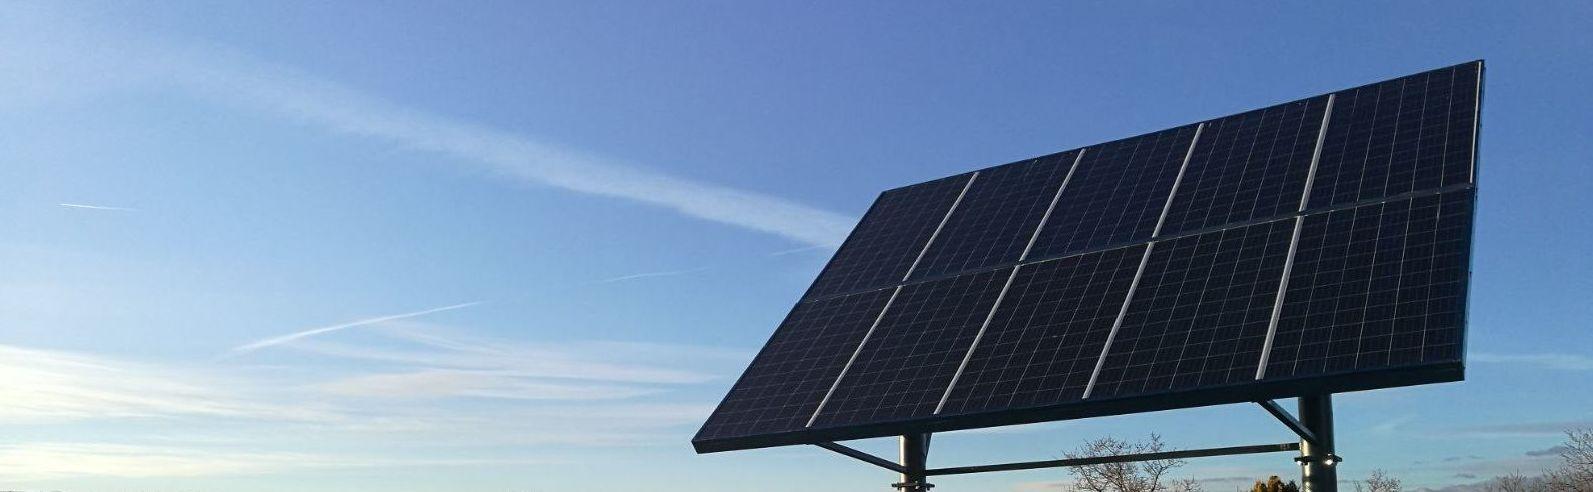 Instalación Placas energía solar fotovoltaica.